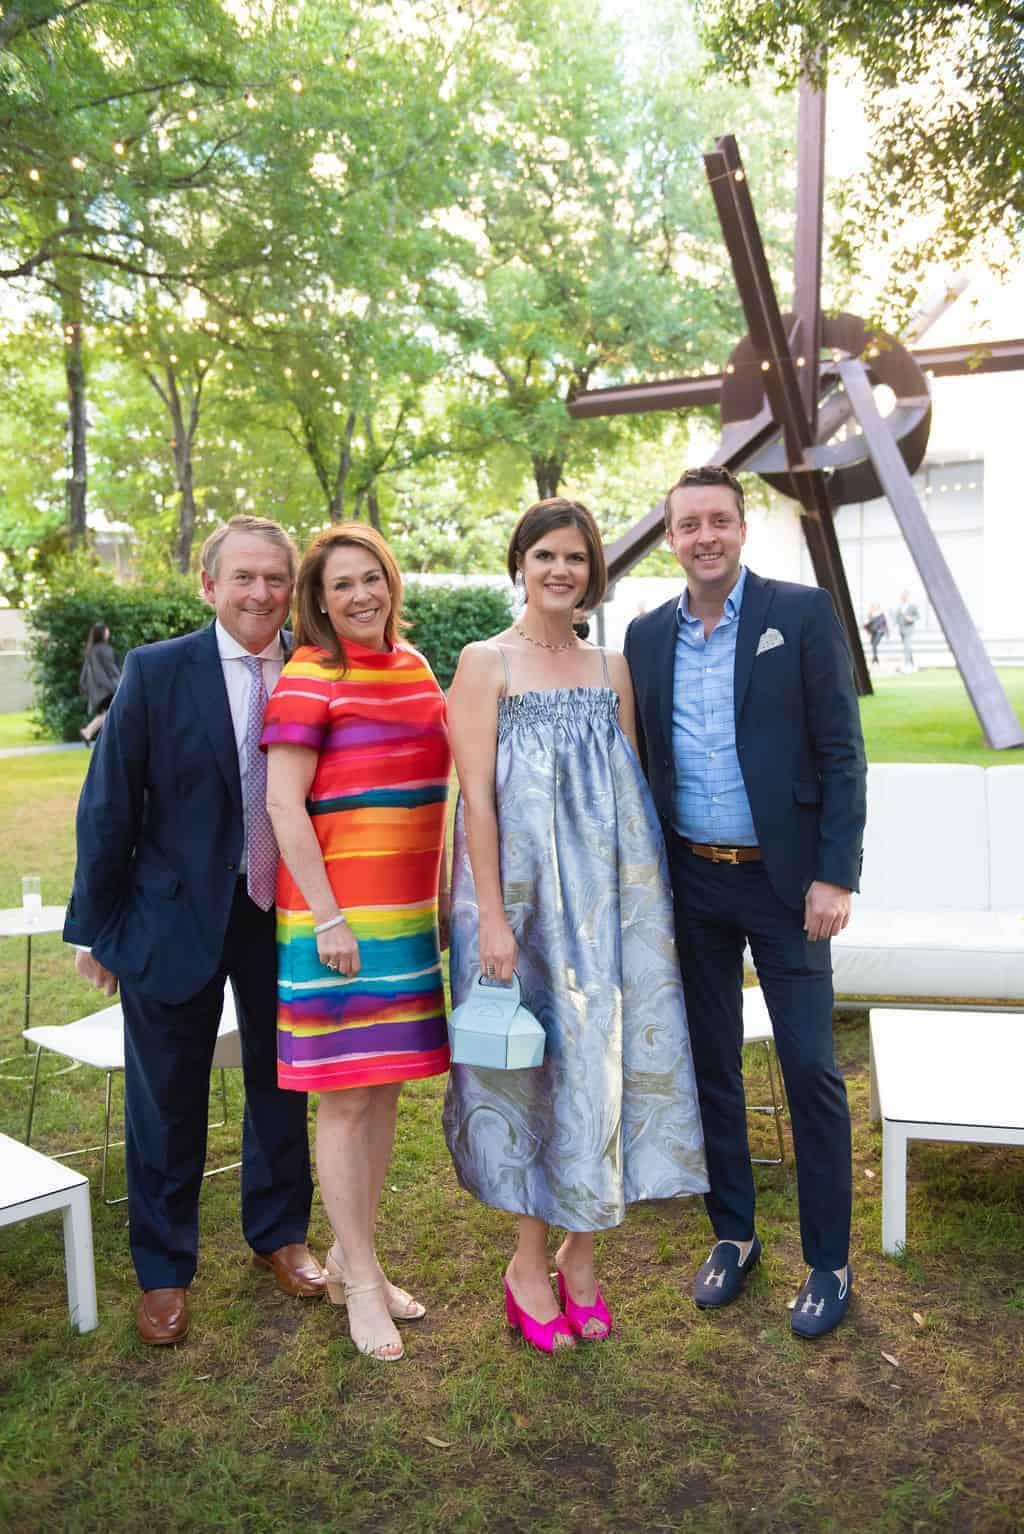 Dianne and Mark LaRoe _ Nerissa von Helpenstill and Dustin Holcomb